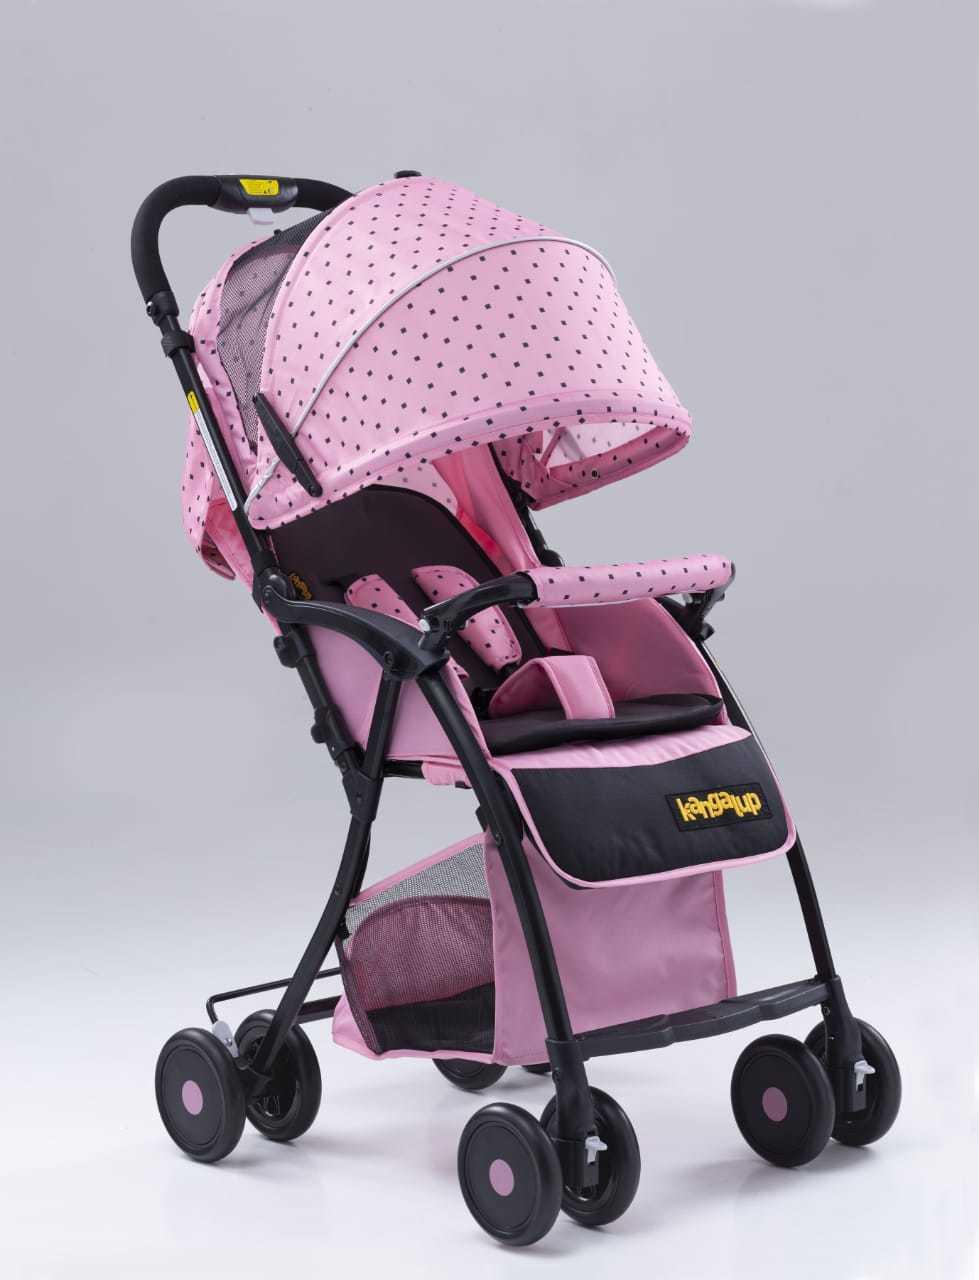 Carrinho de Bebê modelo F1  Kangalup